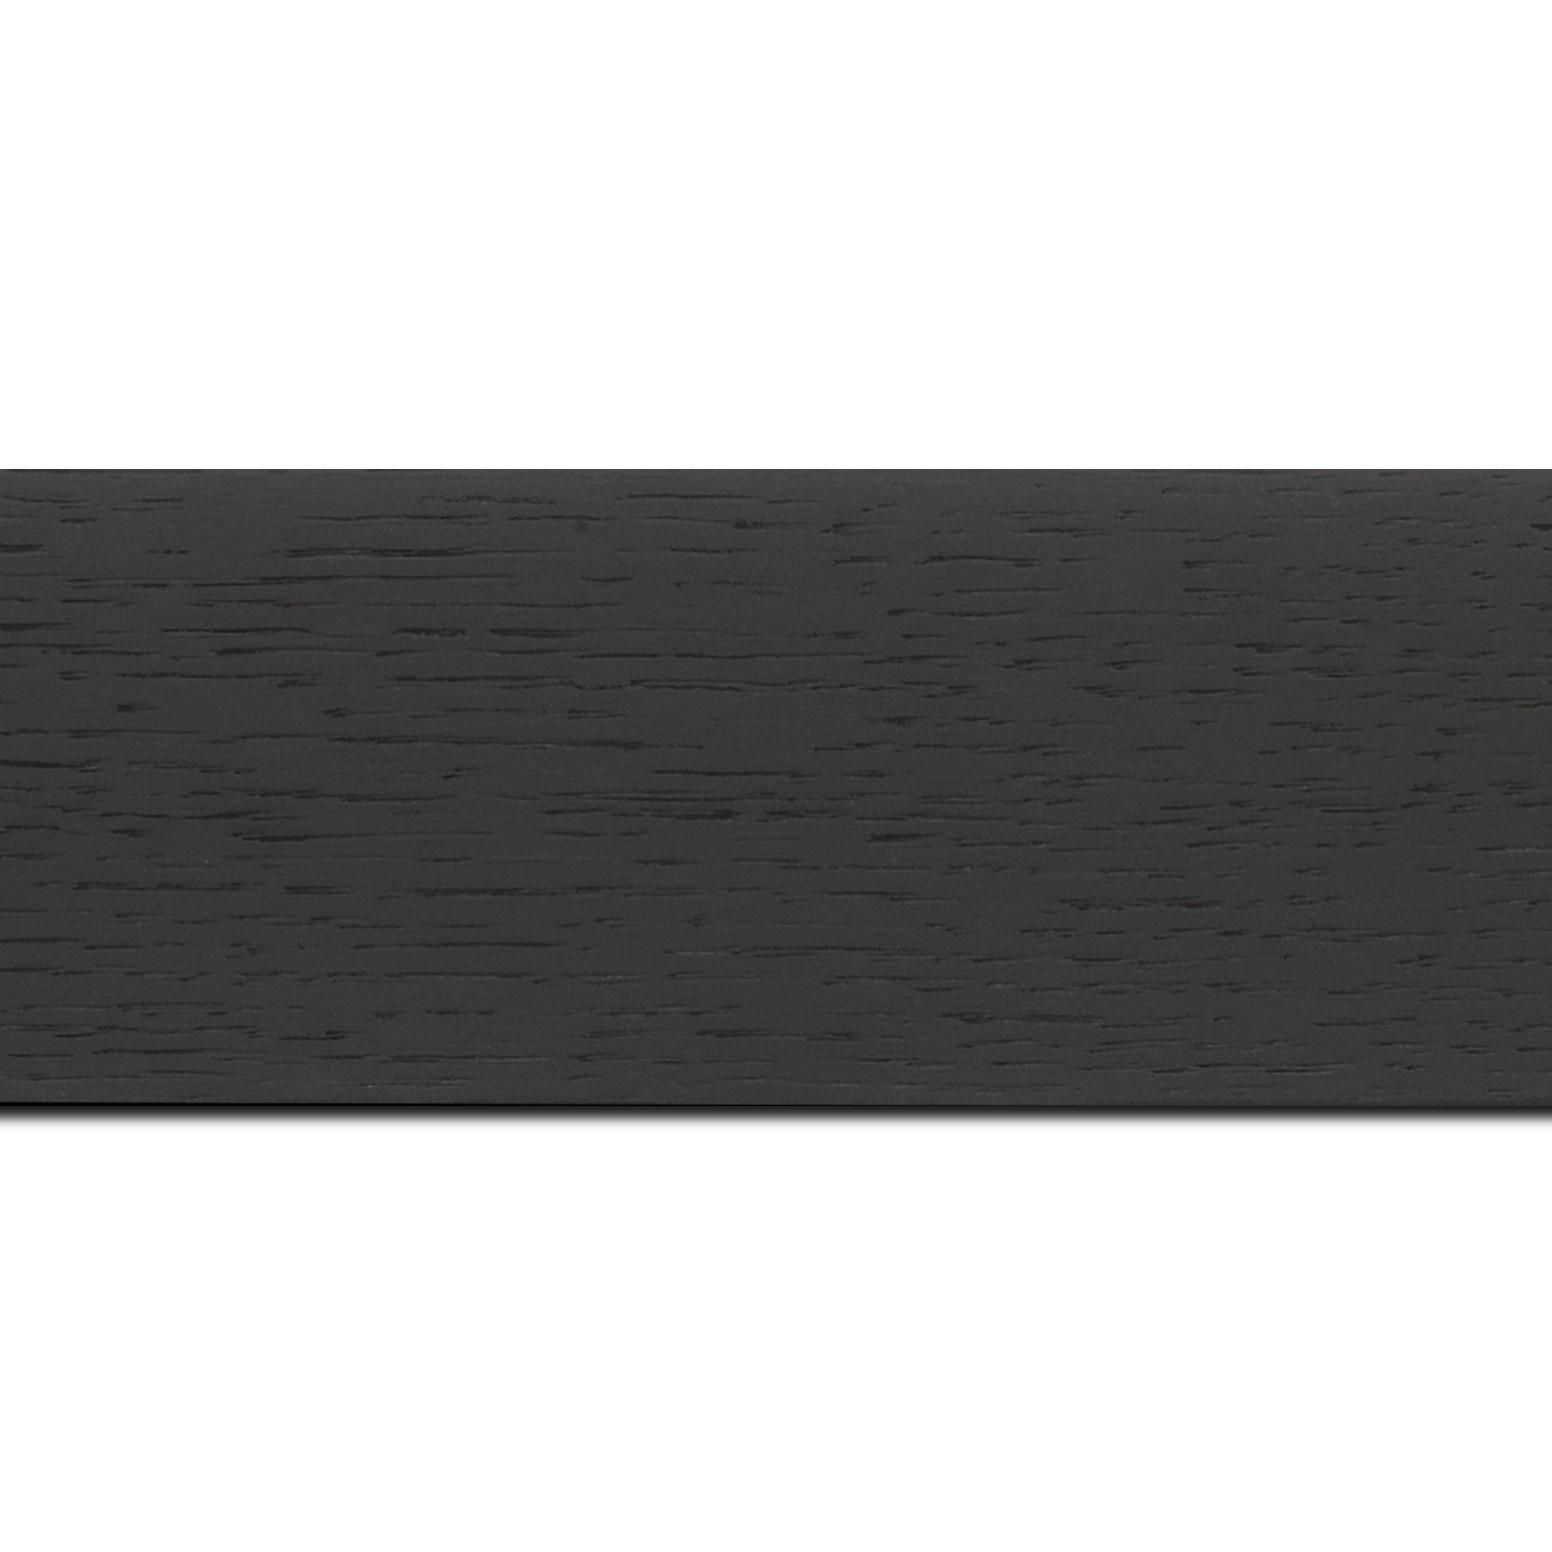 Pack par 12m, bois profil plat largeur 6.3cm plaquage haut de gamme chêne teinté noir (longueur baguette pouvant varier entre 2.40m et 3m selon arrivage des bois)